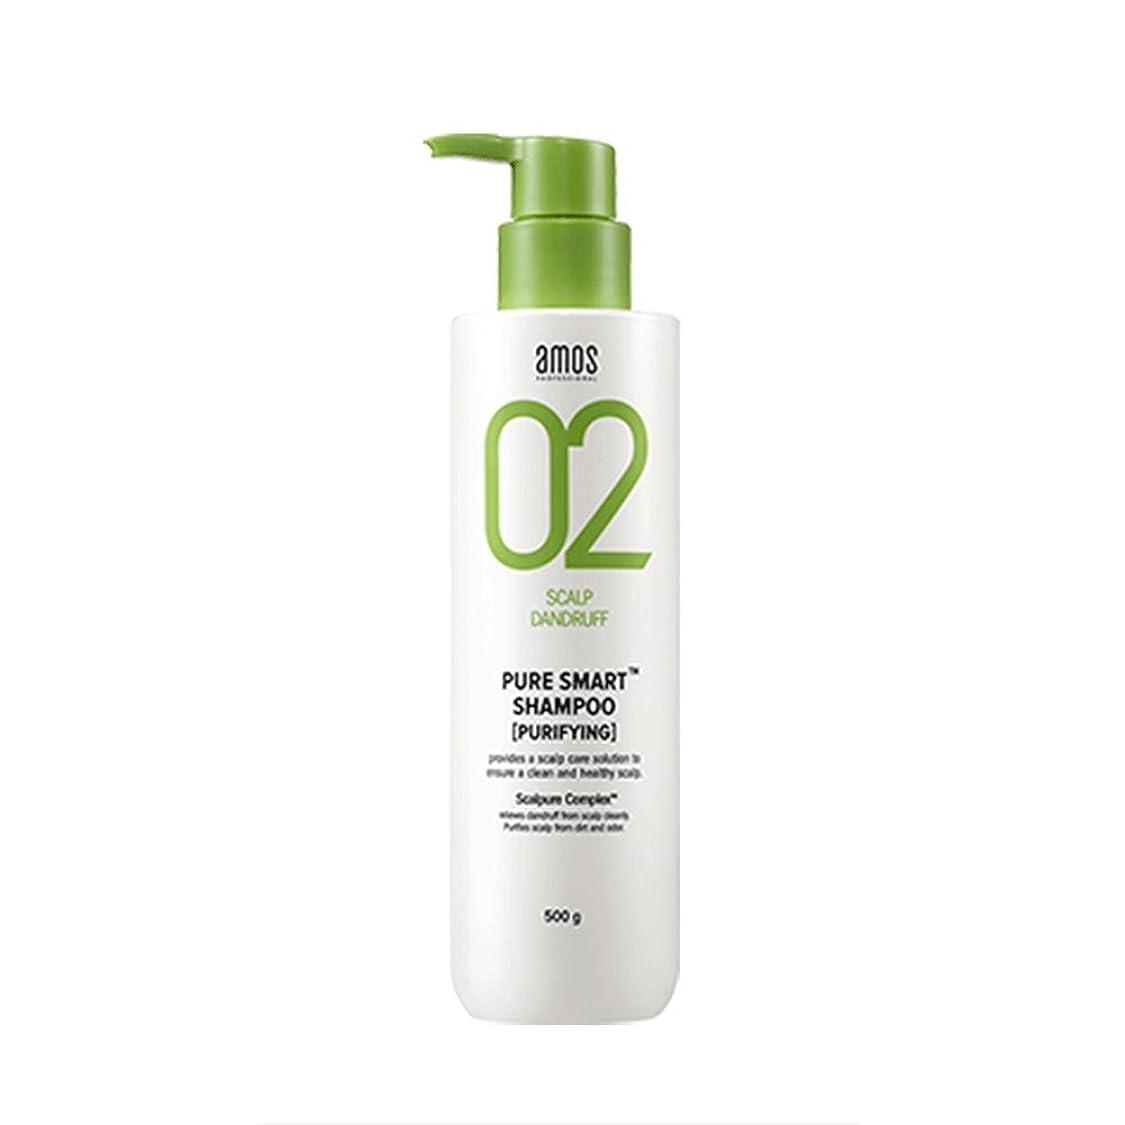 注釈タンクドナーAmos Pure Smart Shampoo 500g Dandruff Shampoo フケ専用シャンプー [並行輸入品]